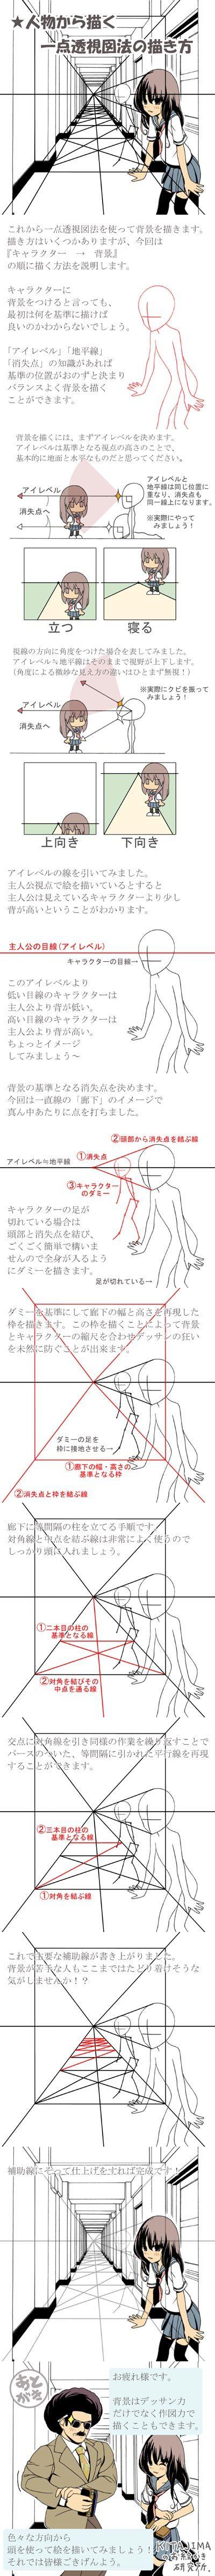 人物から描く一点透視 | KITAJIMAのお絵かき研究所